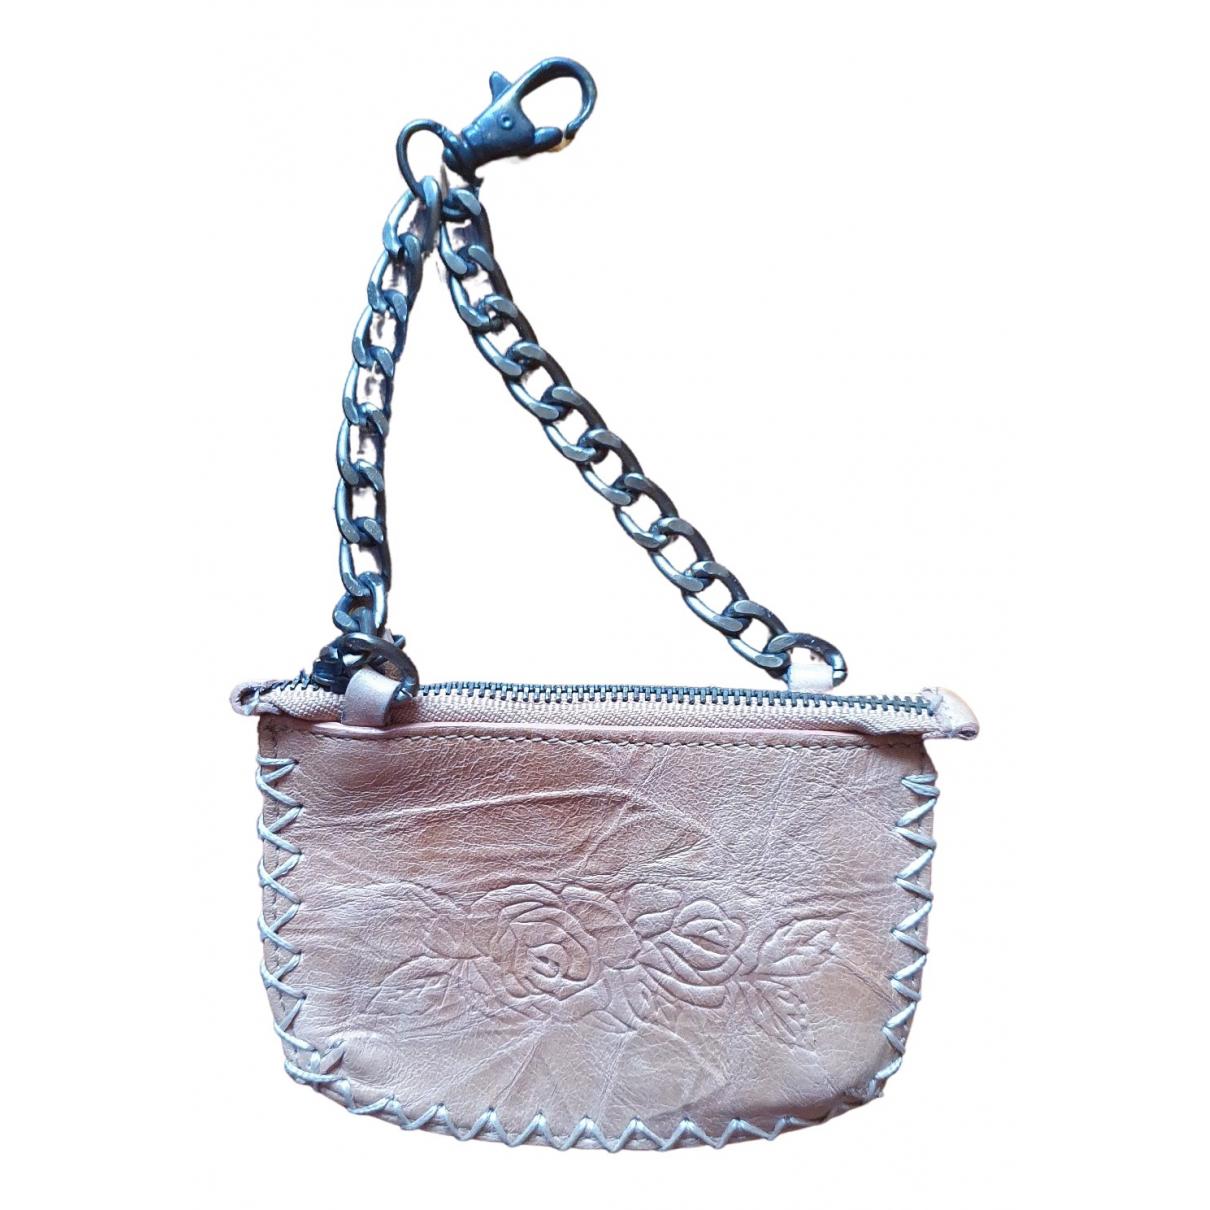 Zara \N Portemonnaie in  Beige Leder